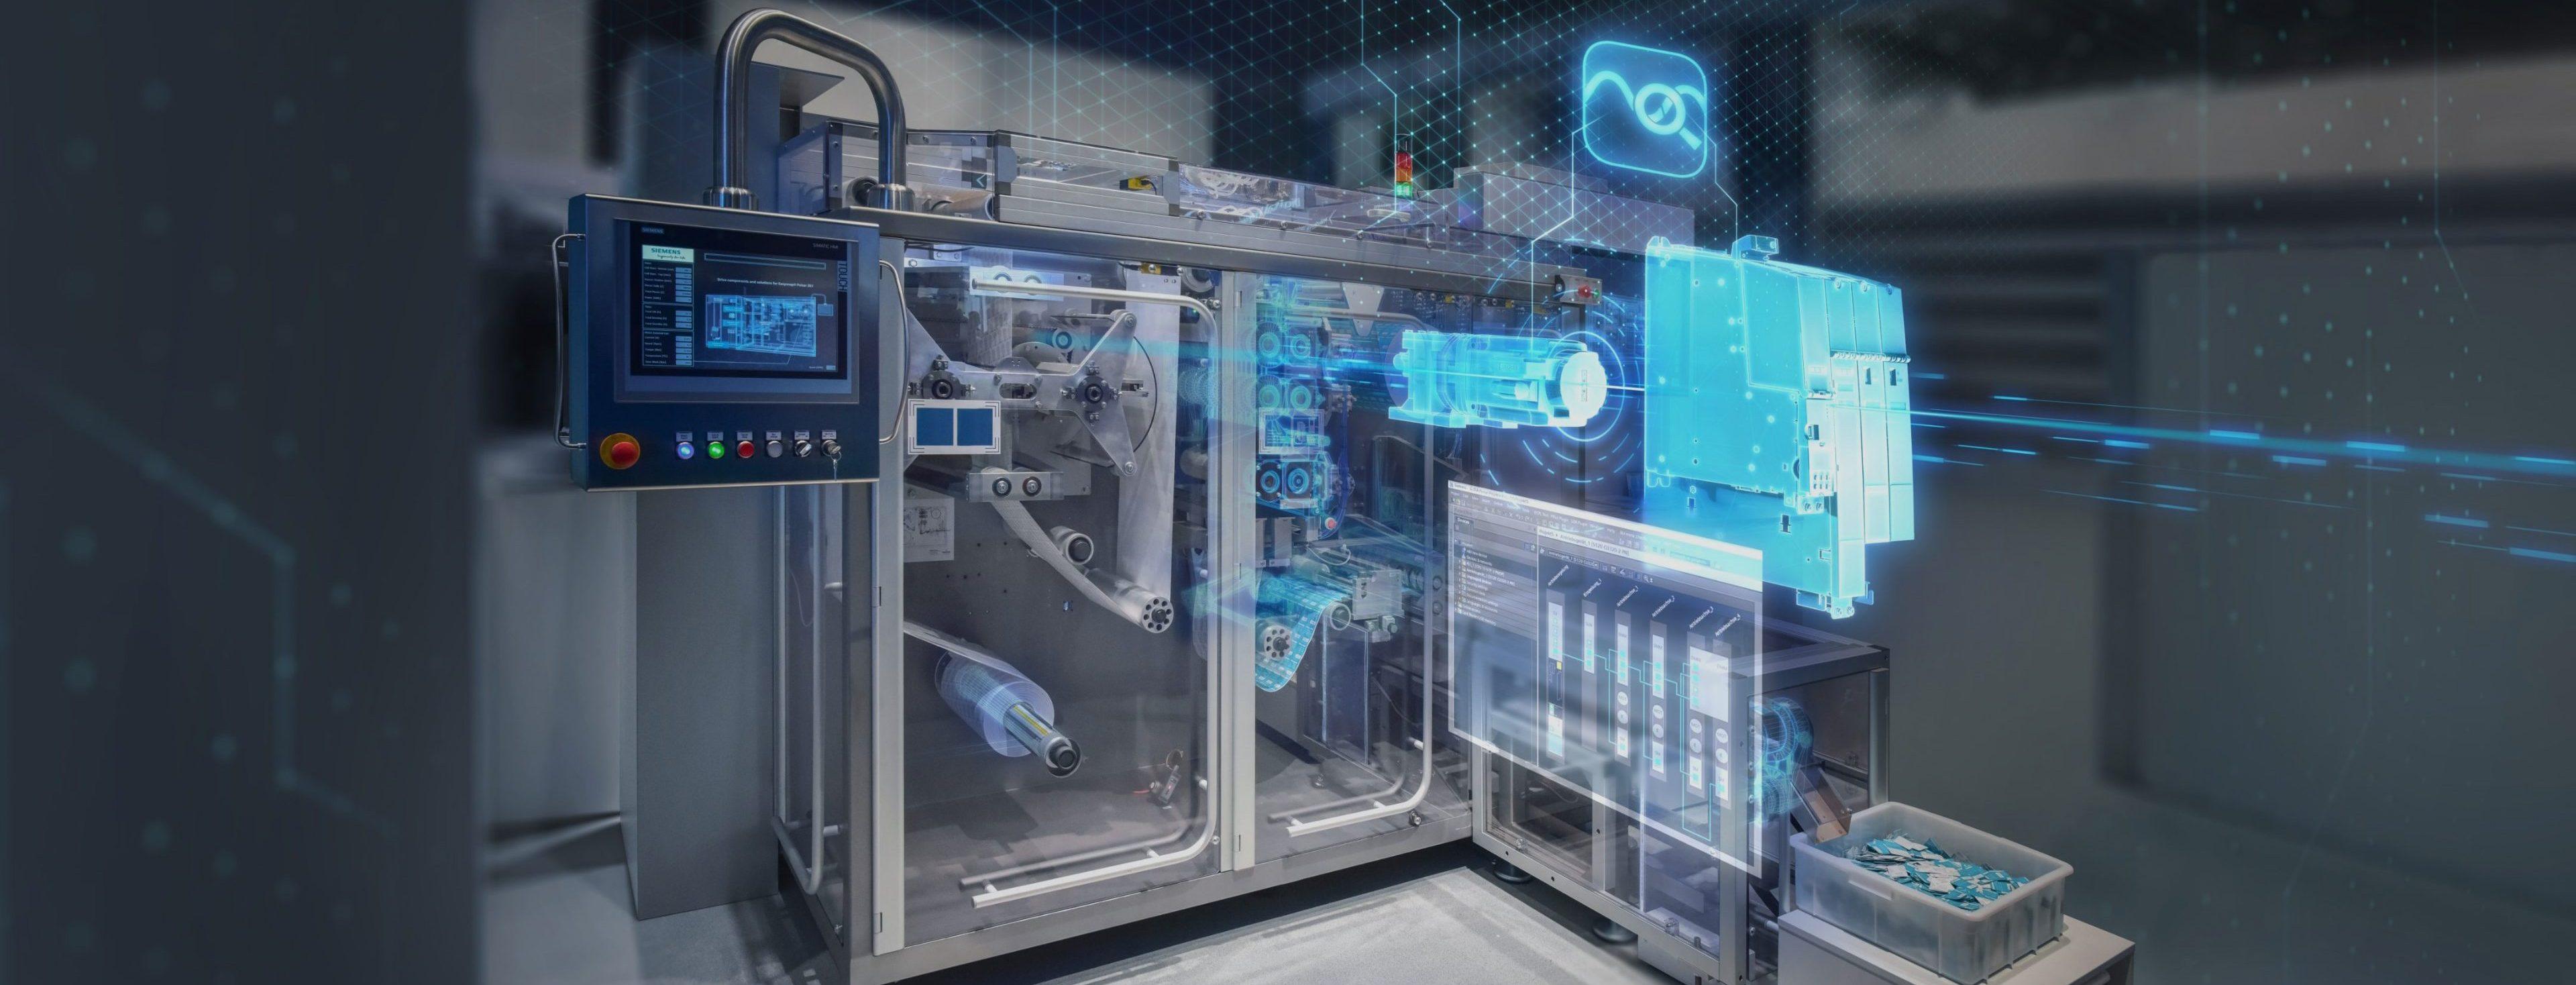 Интеллектуальная модернизация промышленных объектов